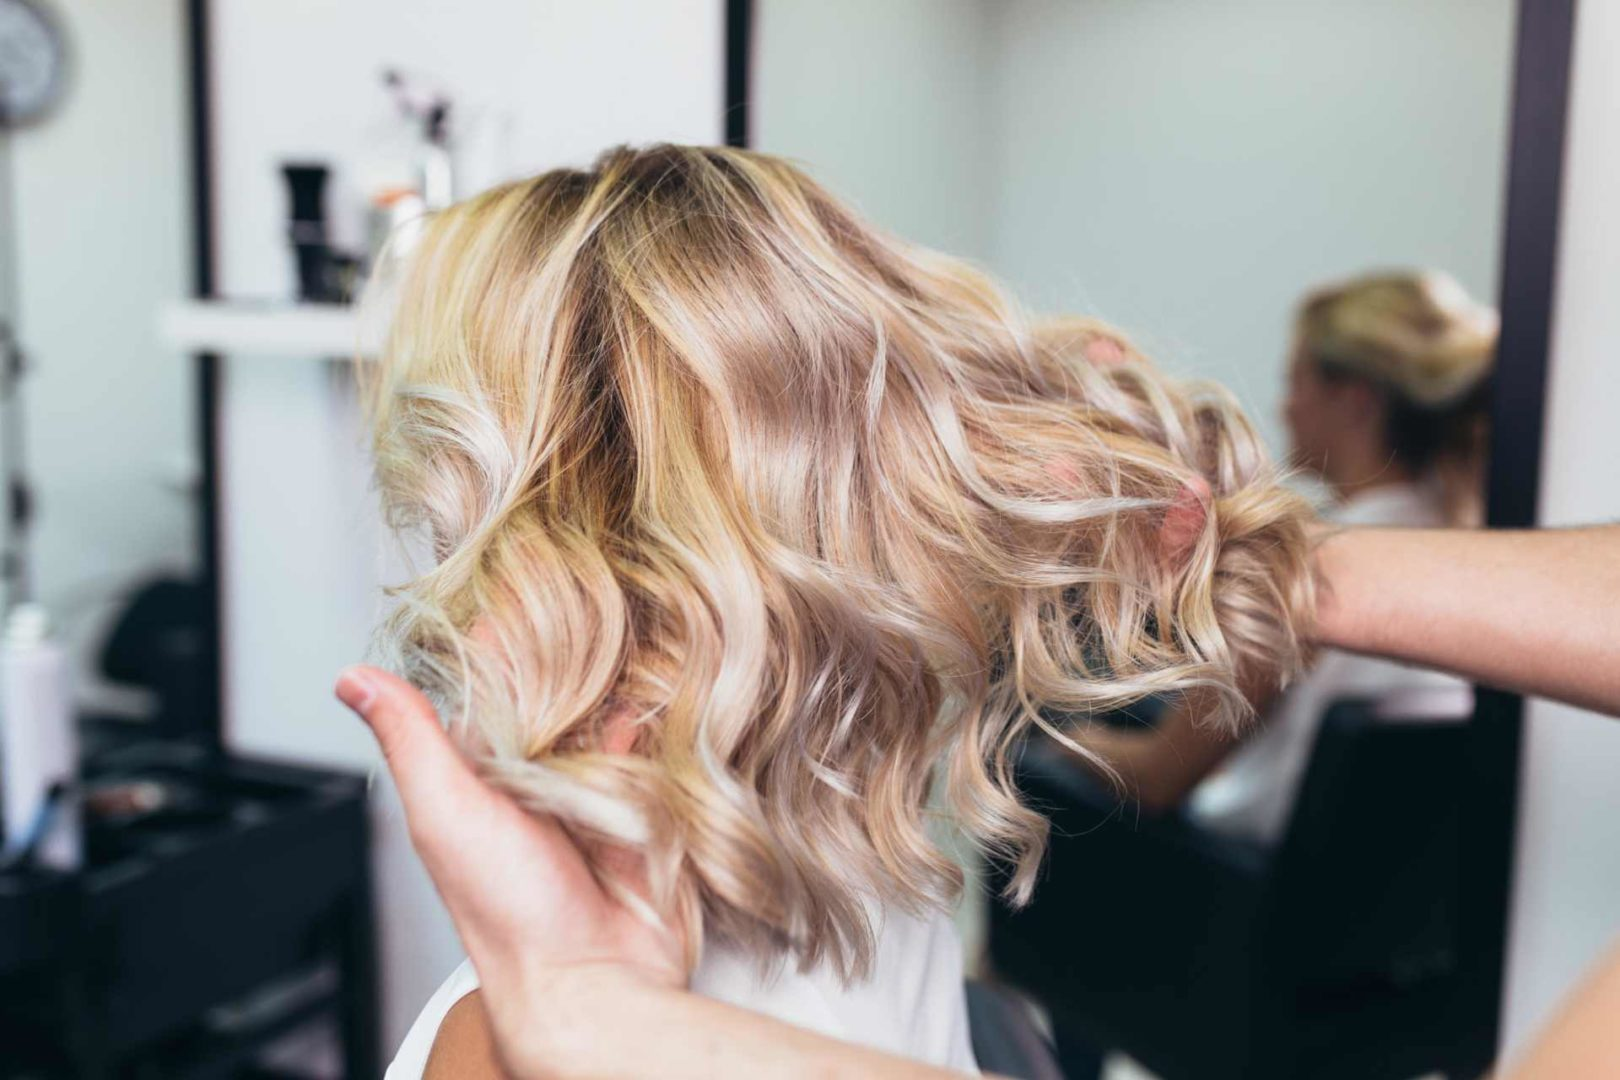 farge håret lysere med vanlig hårfarge